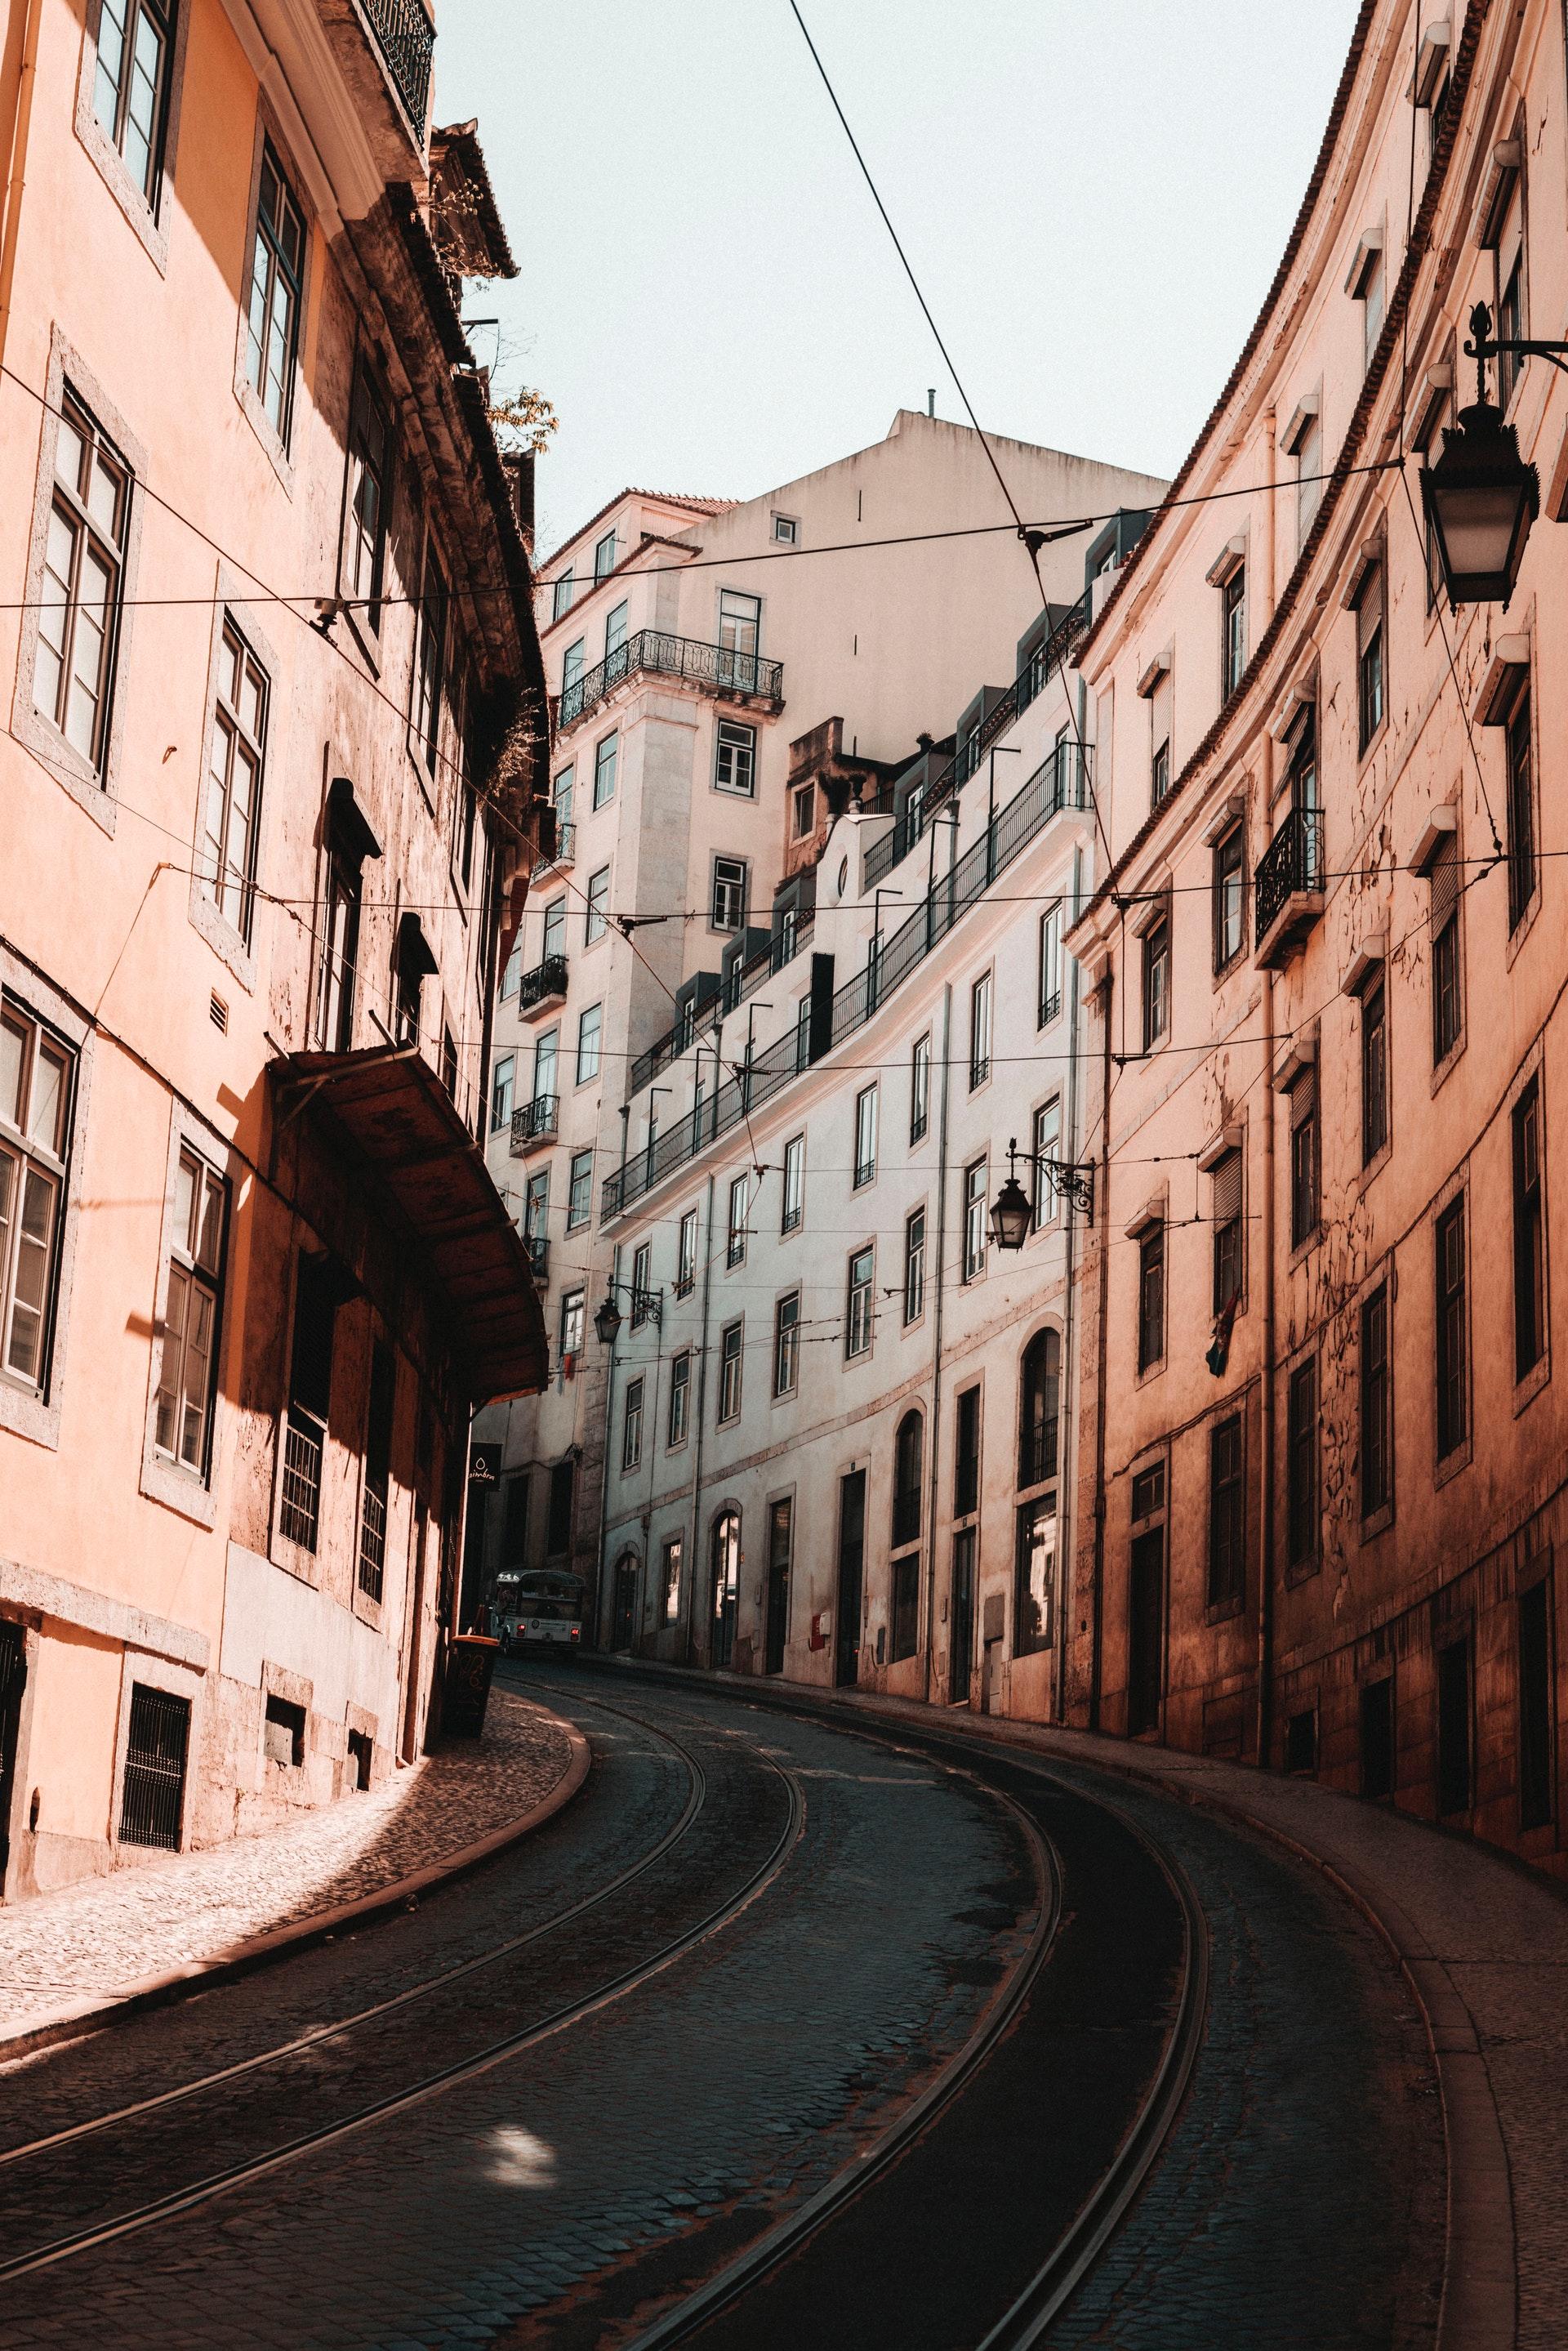 empty-road-between-buildings-3146209